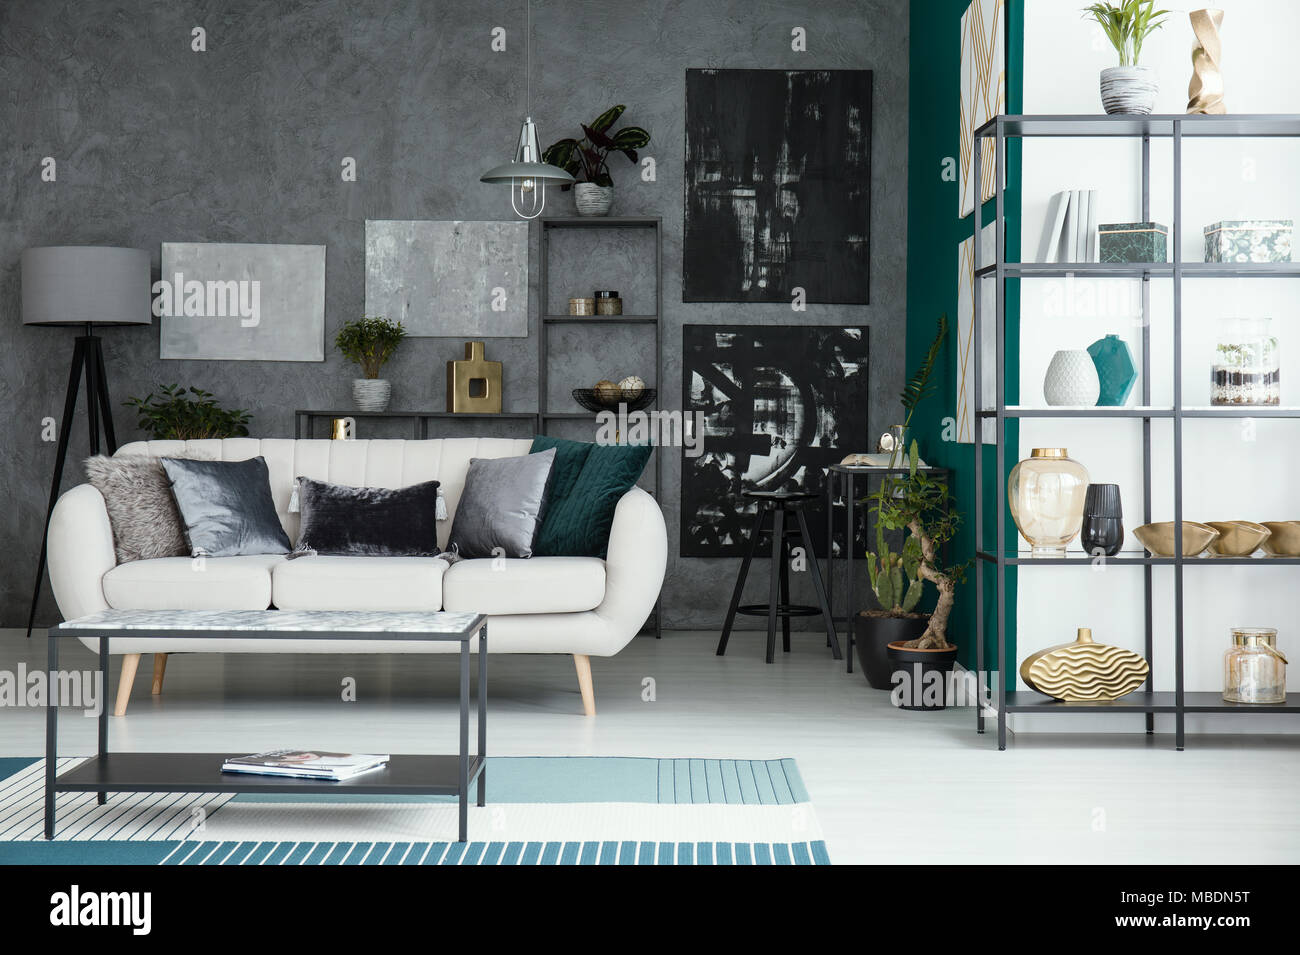 Beige Sofa Und Tisch Im Wohnzimmer Mit Galerie Auf Graue Wand Und Regale